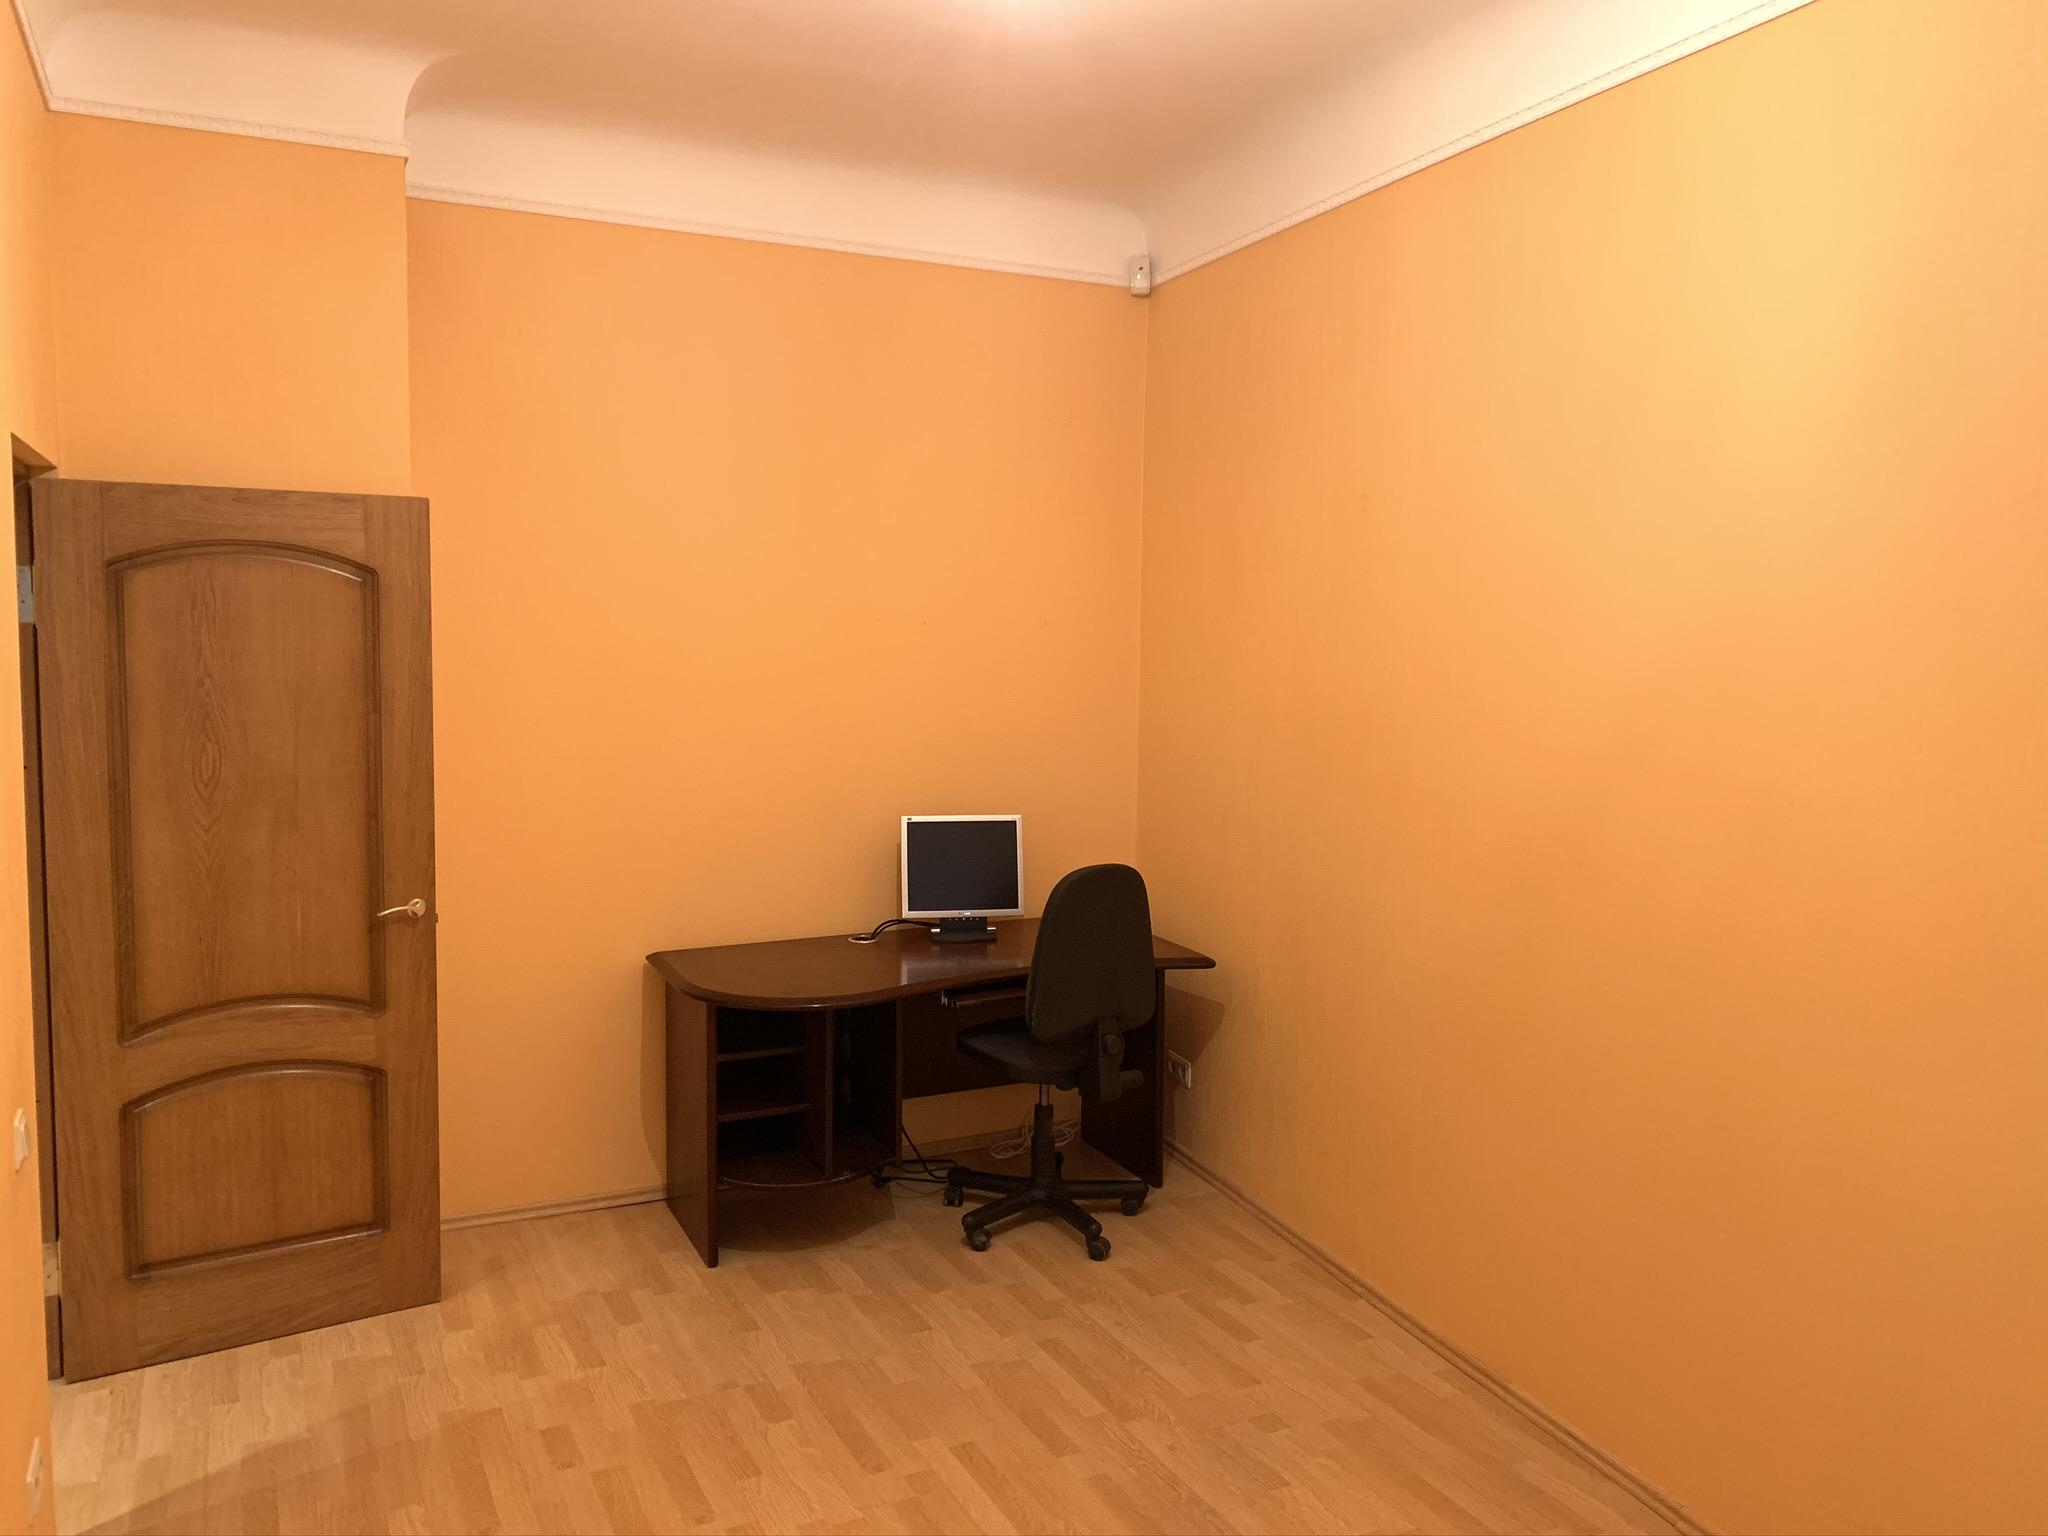 Pārdod biroju, Stabu iela - Attēls 1